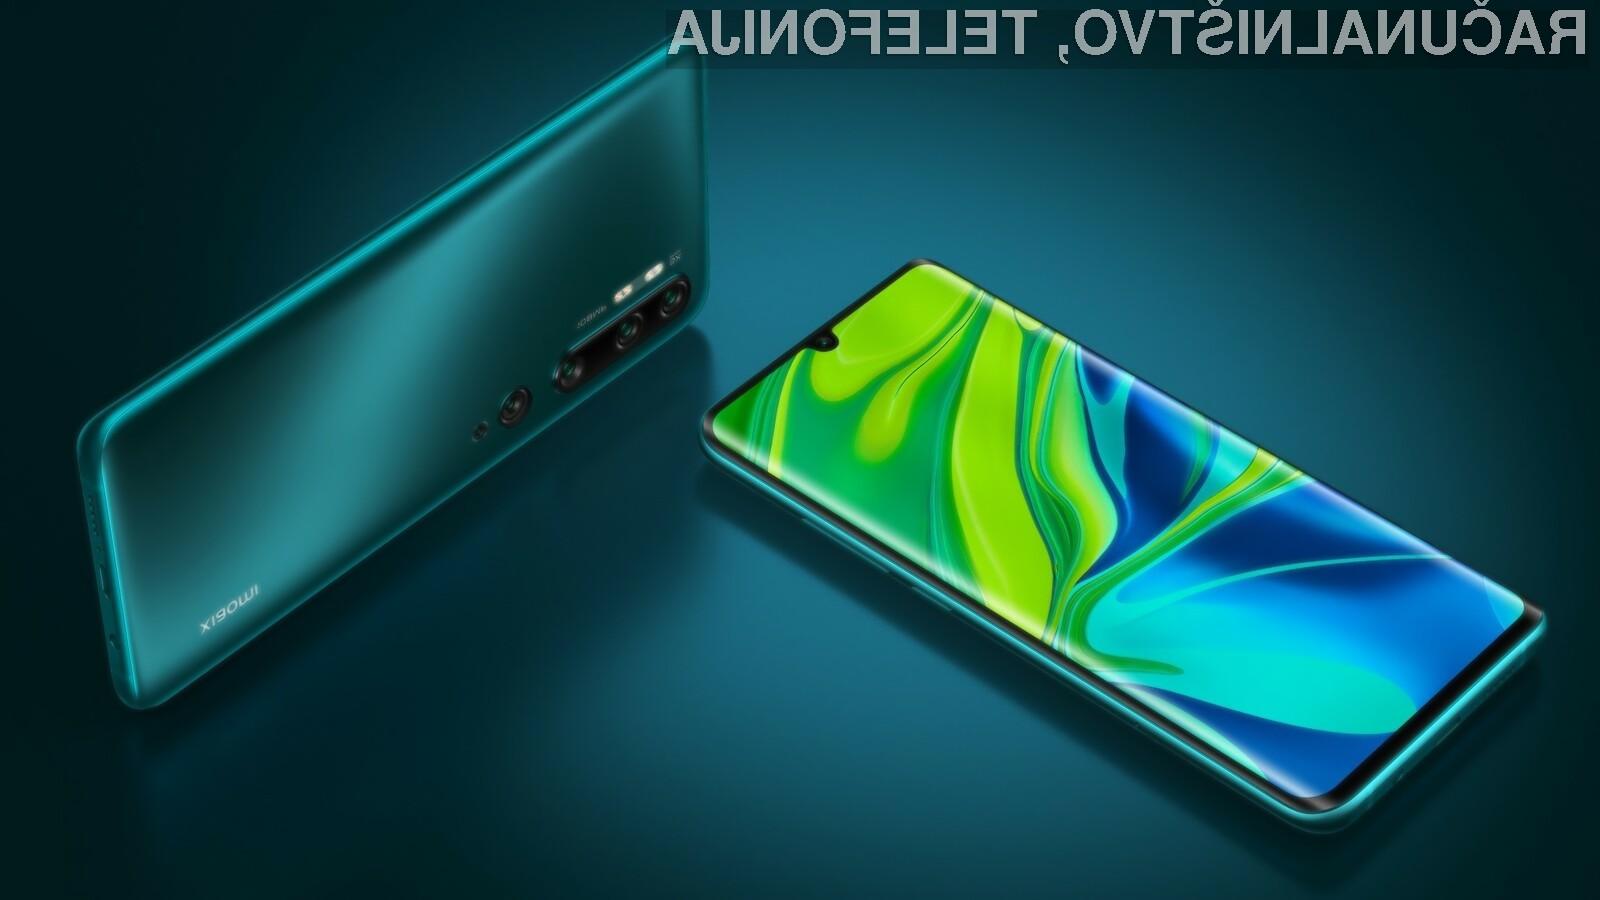 Pametna mobilna telefona Xiaomi Mi Note 10 in Mi Note 10 Pro sta kot prva opremljena s fotoaparatom ločljivosti 108 milijonov slikovnih točk.